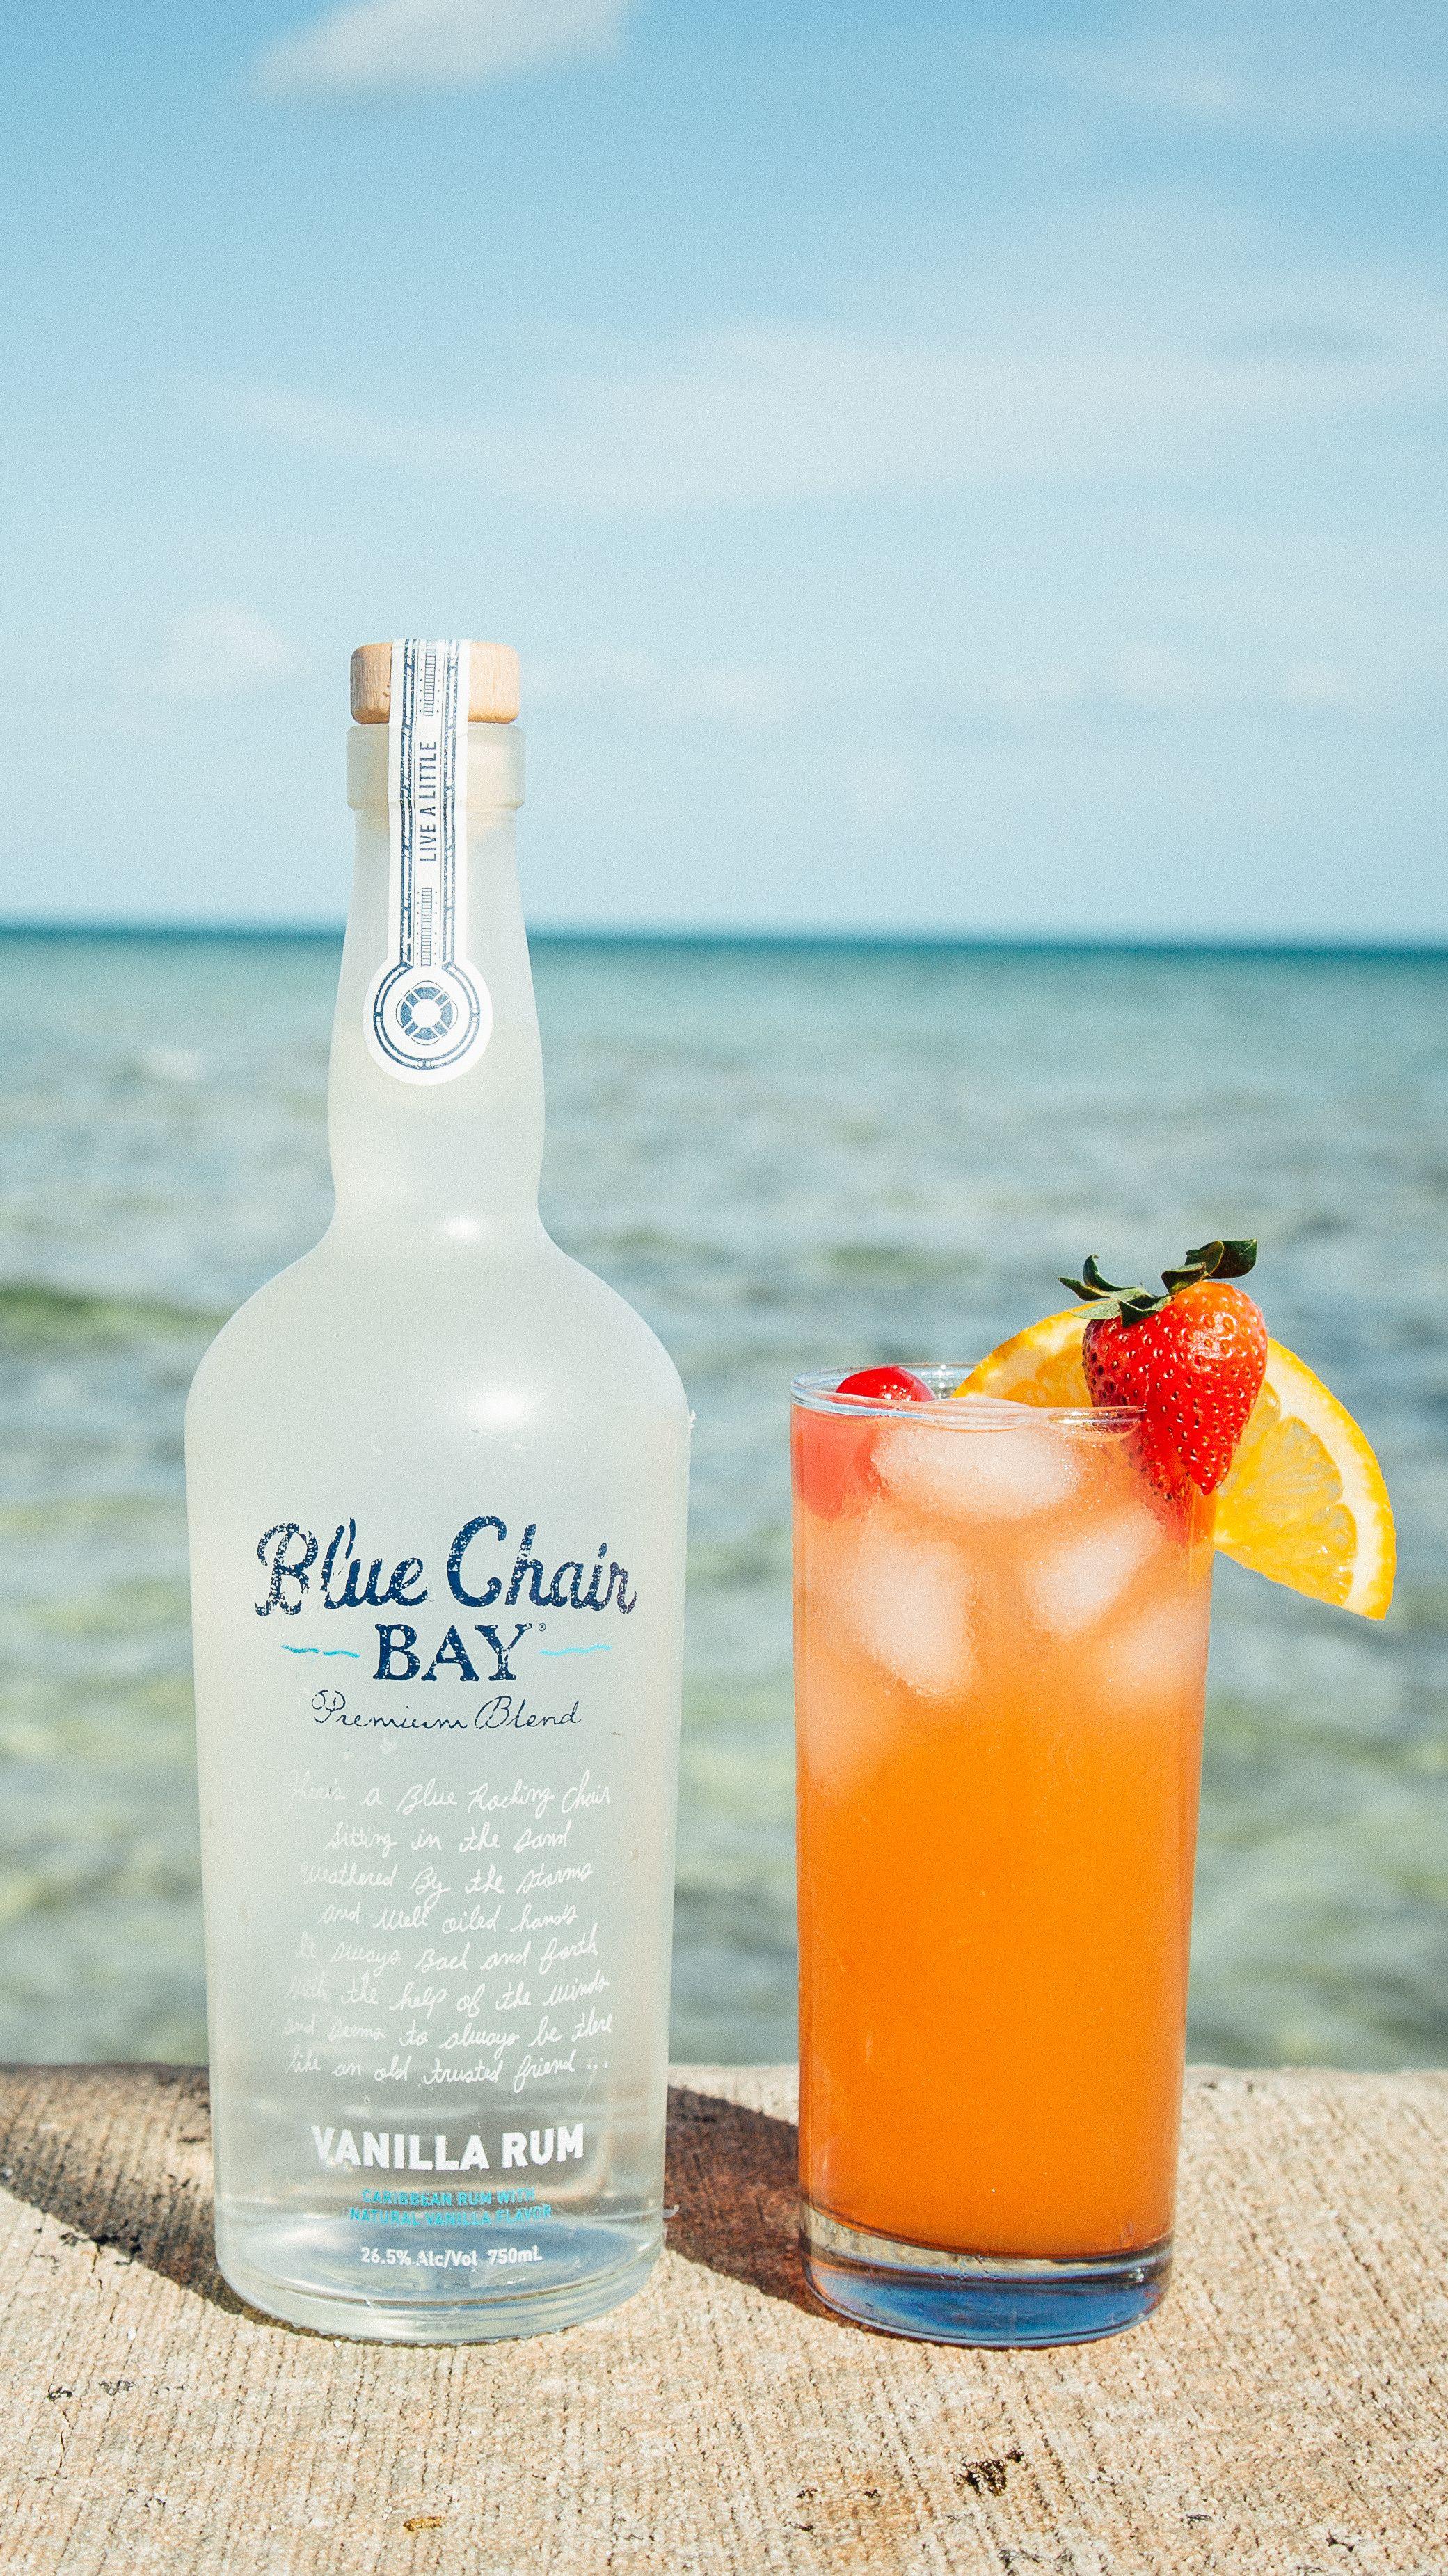 BEACH CHAIR COCKTAIL // 2 oz. Blue Chair Bay Vanilla Rum